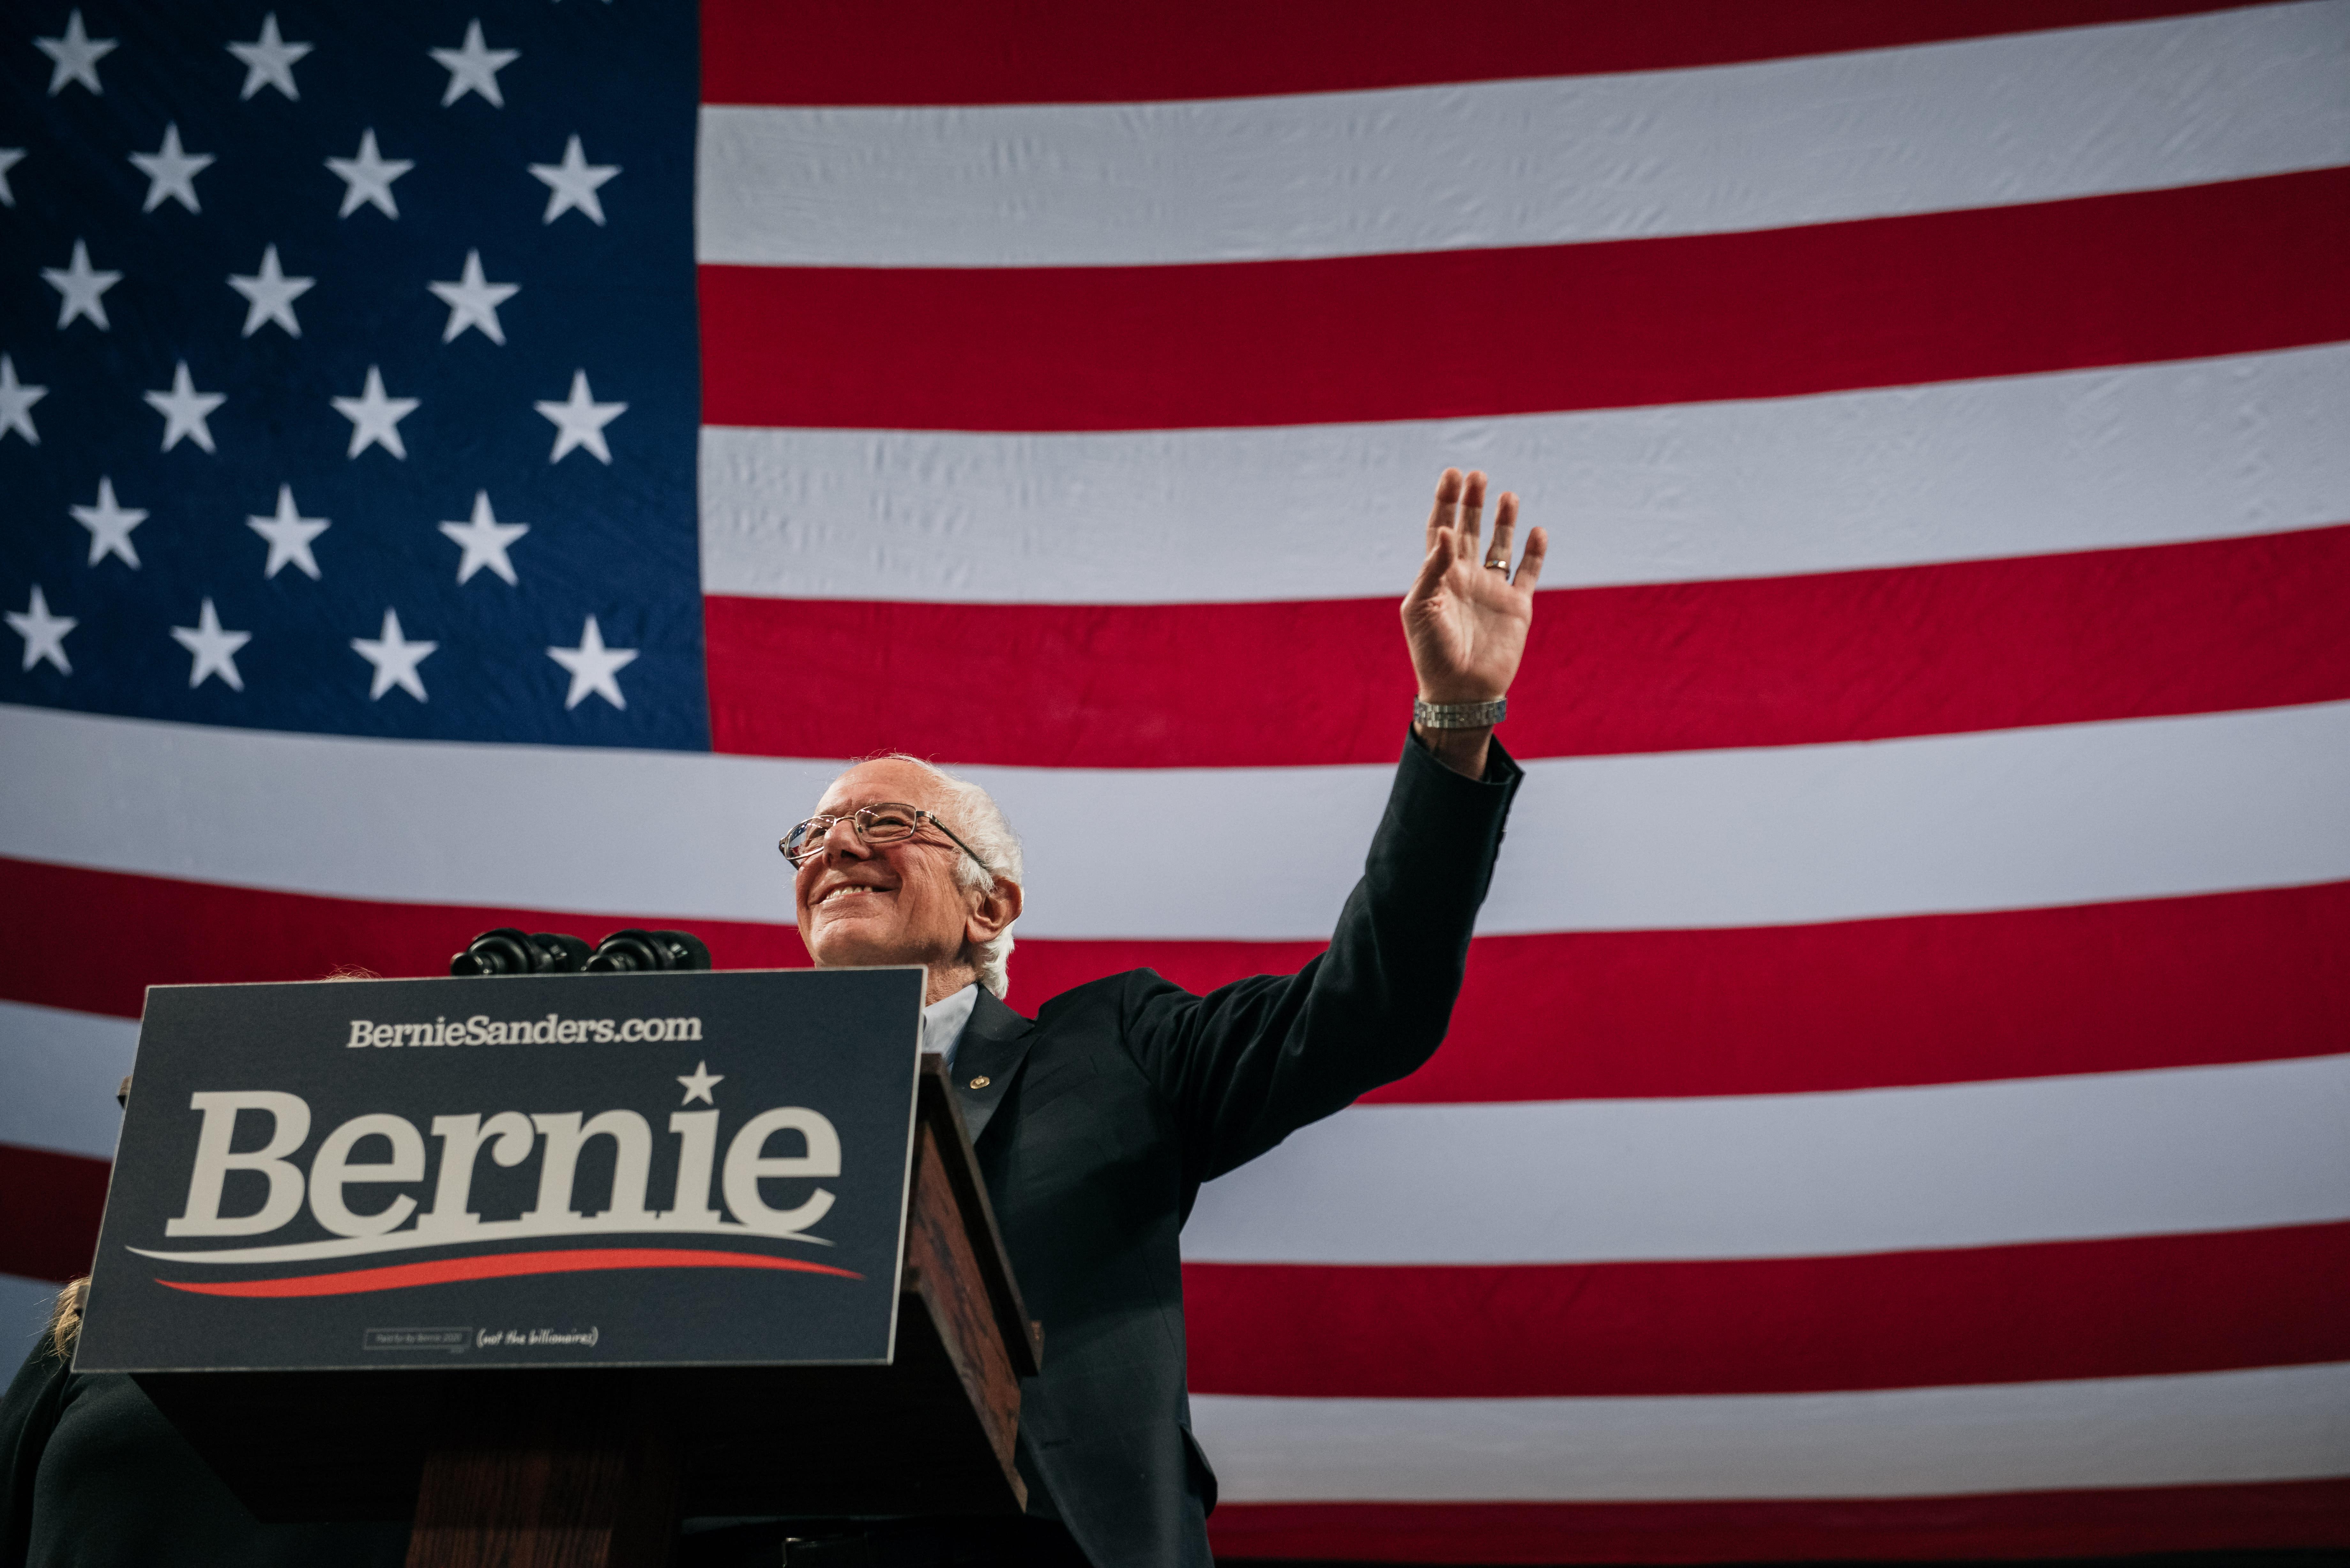 Sanders promete detener deportaciones desde el primer día, si gana